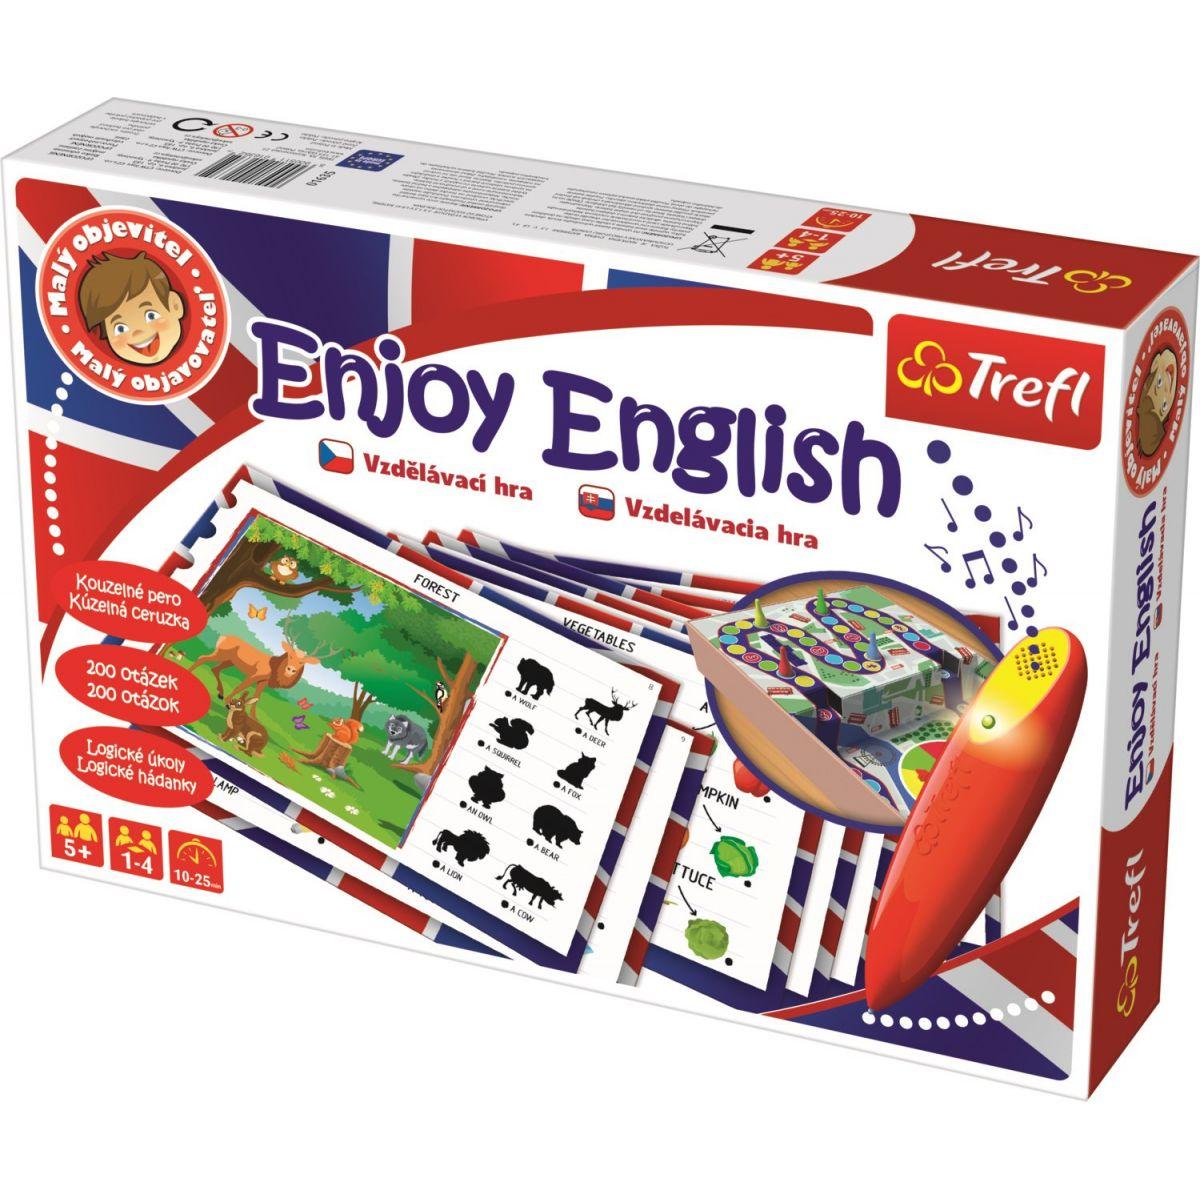 Trefl Malý objaviteľ Enjoy English sada s magickým perom